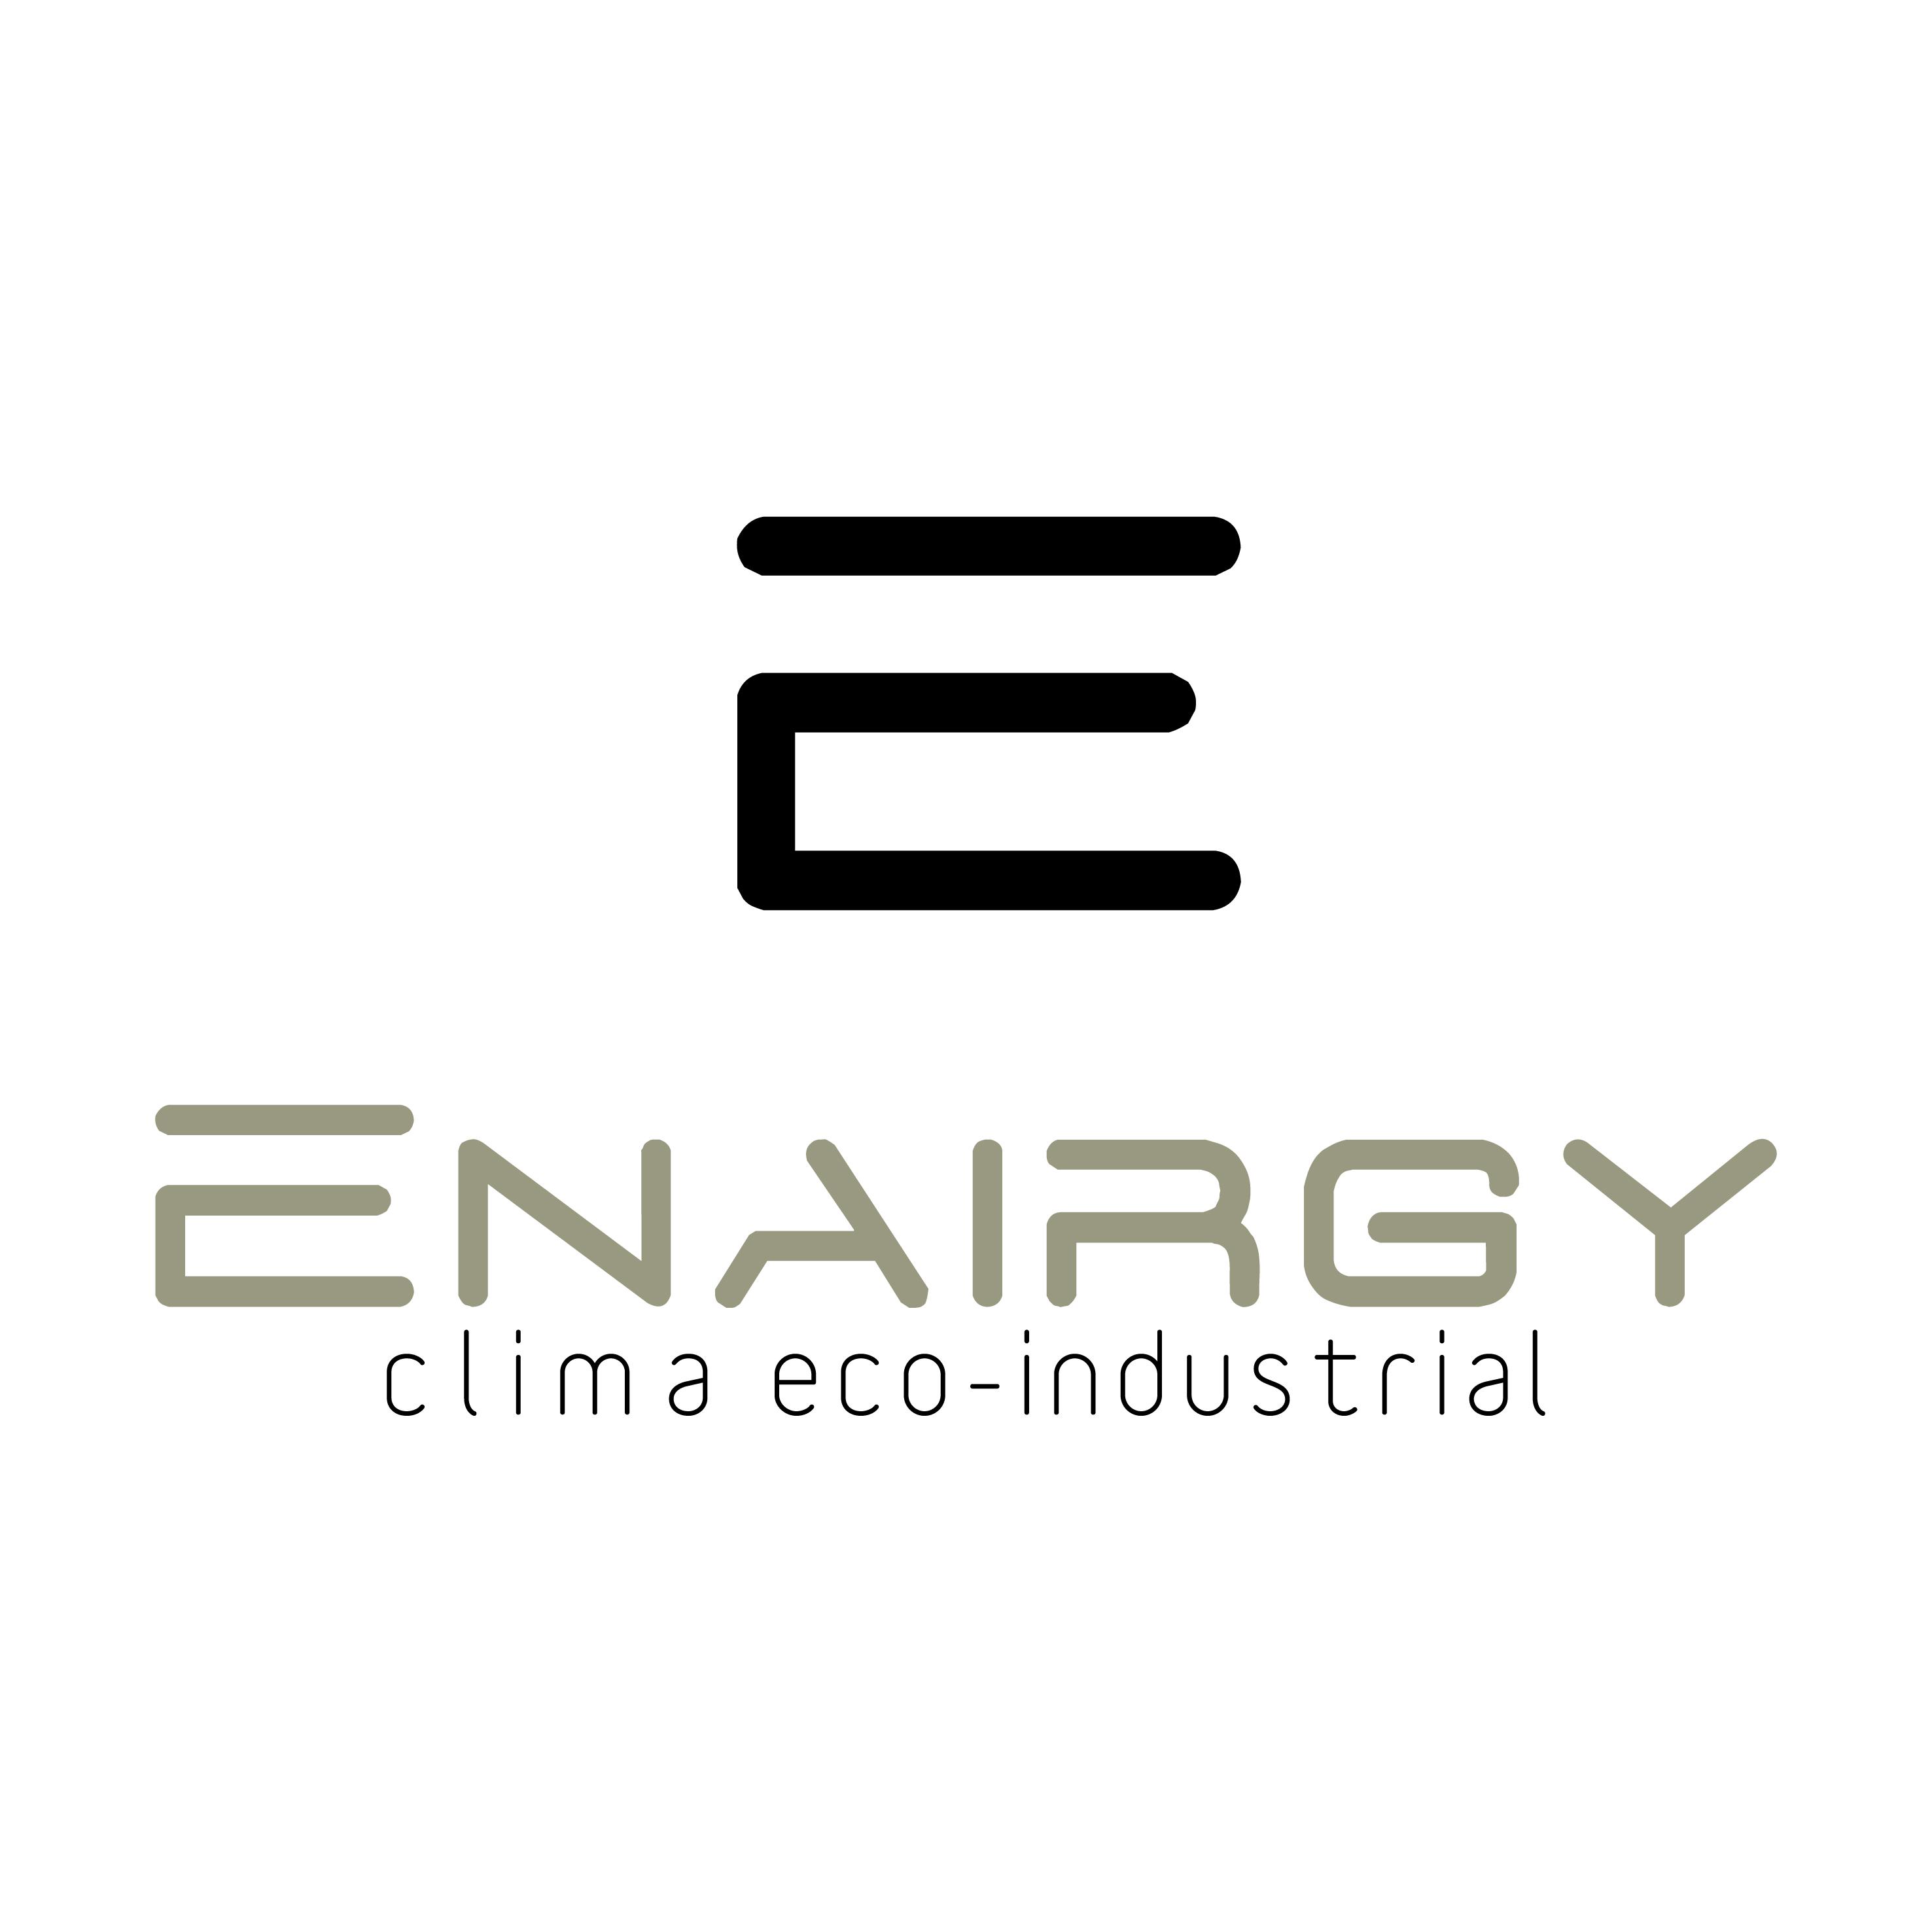 ENAIRGY